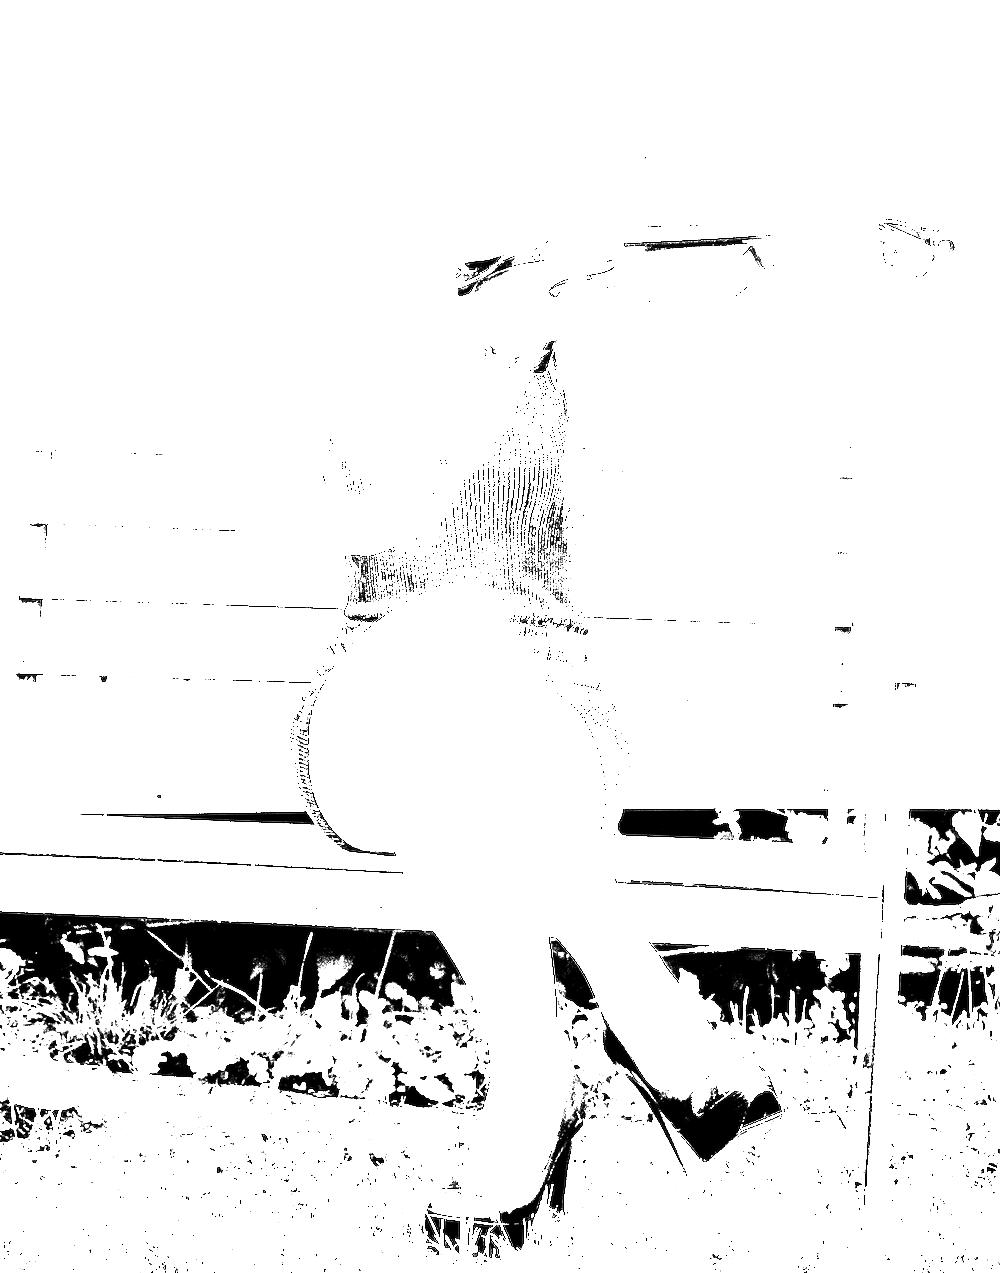 violinist-6945.png